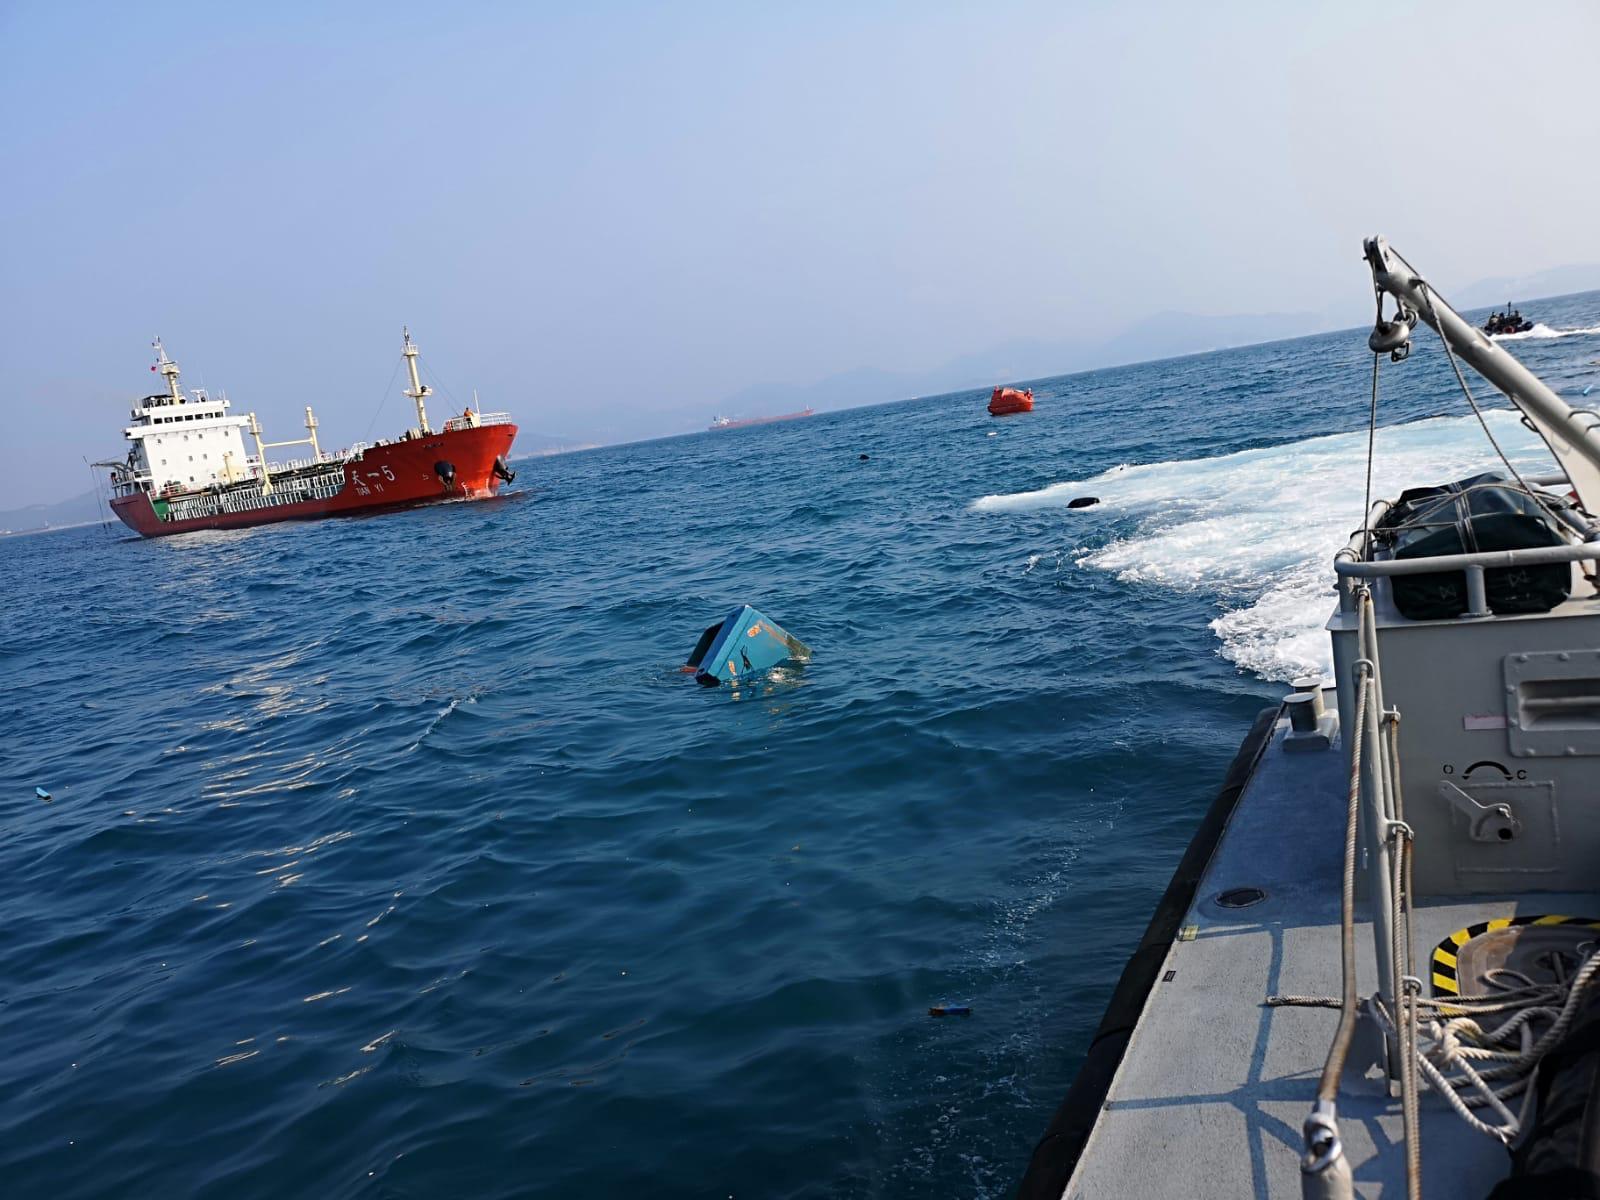 南丫島對開公海漁船被撞沉疑有人失蹤